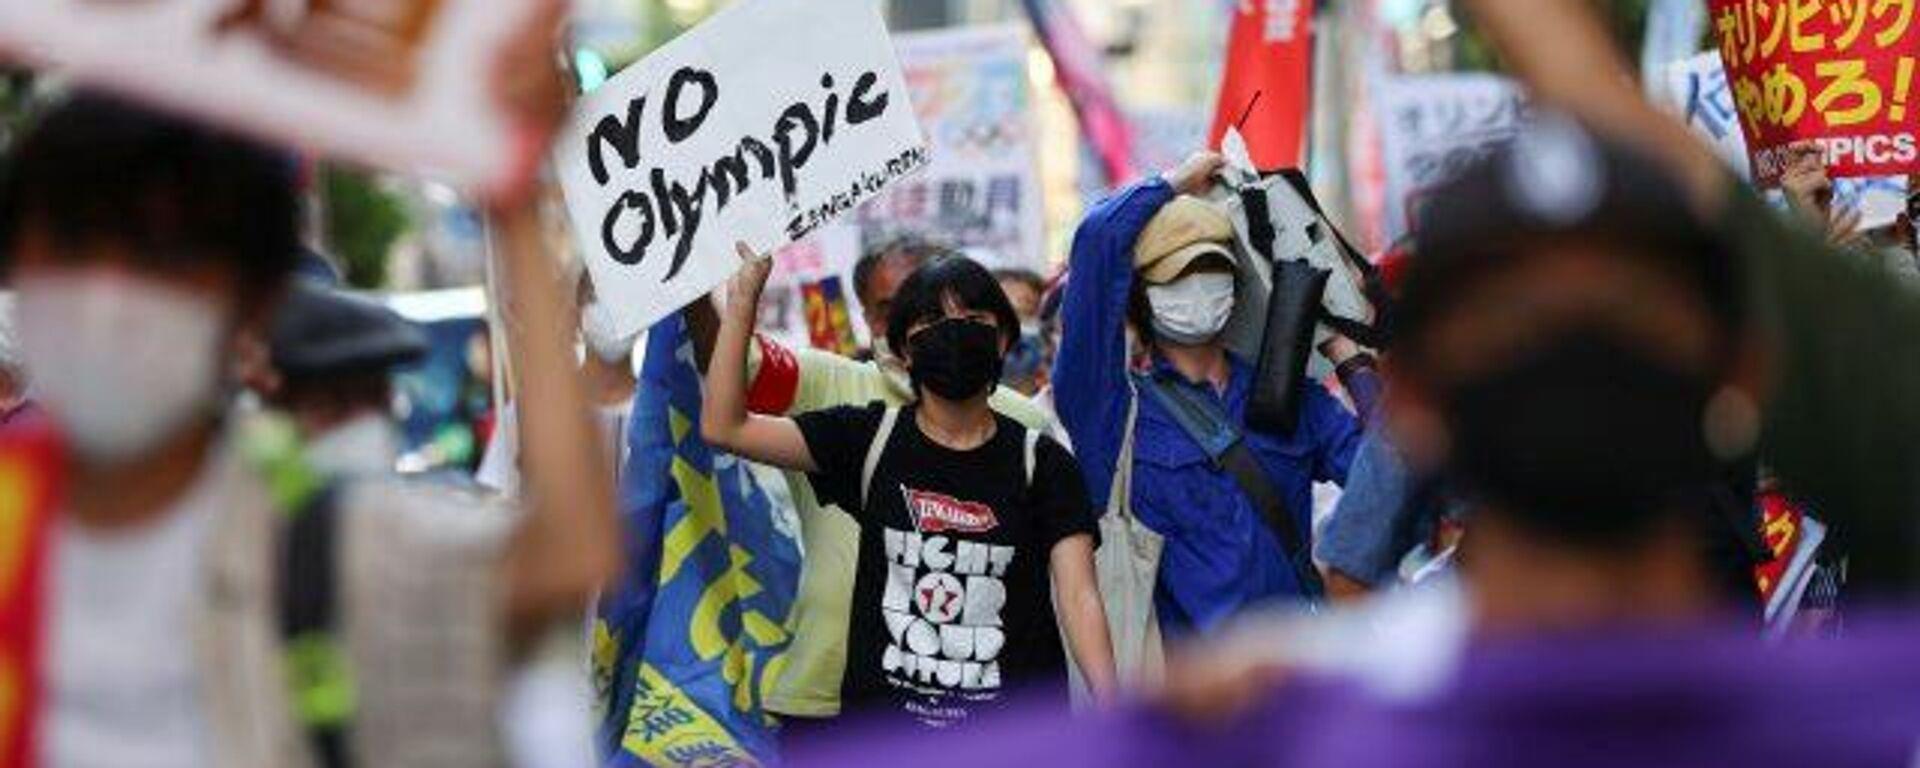 Manifestantes en Tokio despiden los Juegos Olímpicos con protestas - Sputnik Mundo, 1920, 08.08.2021